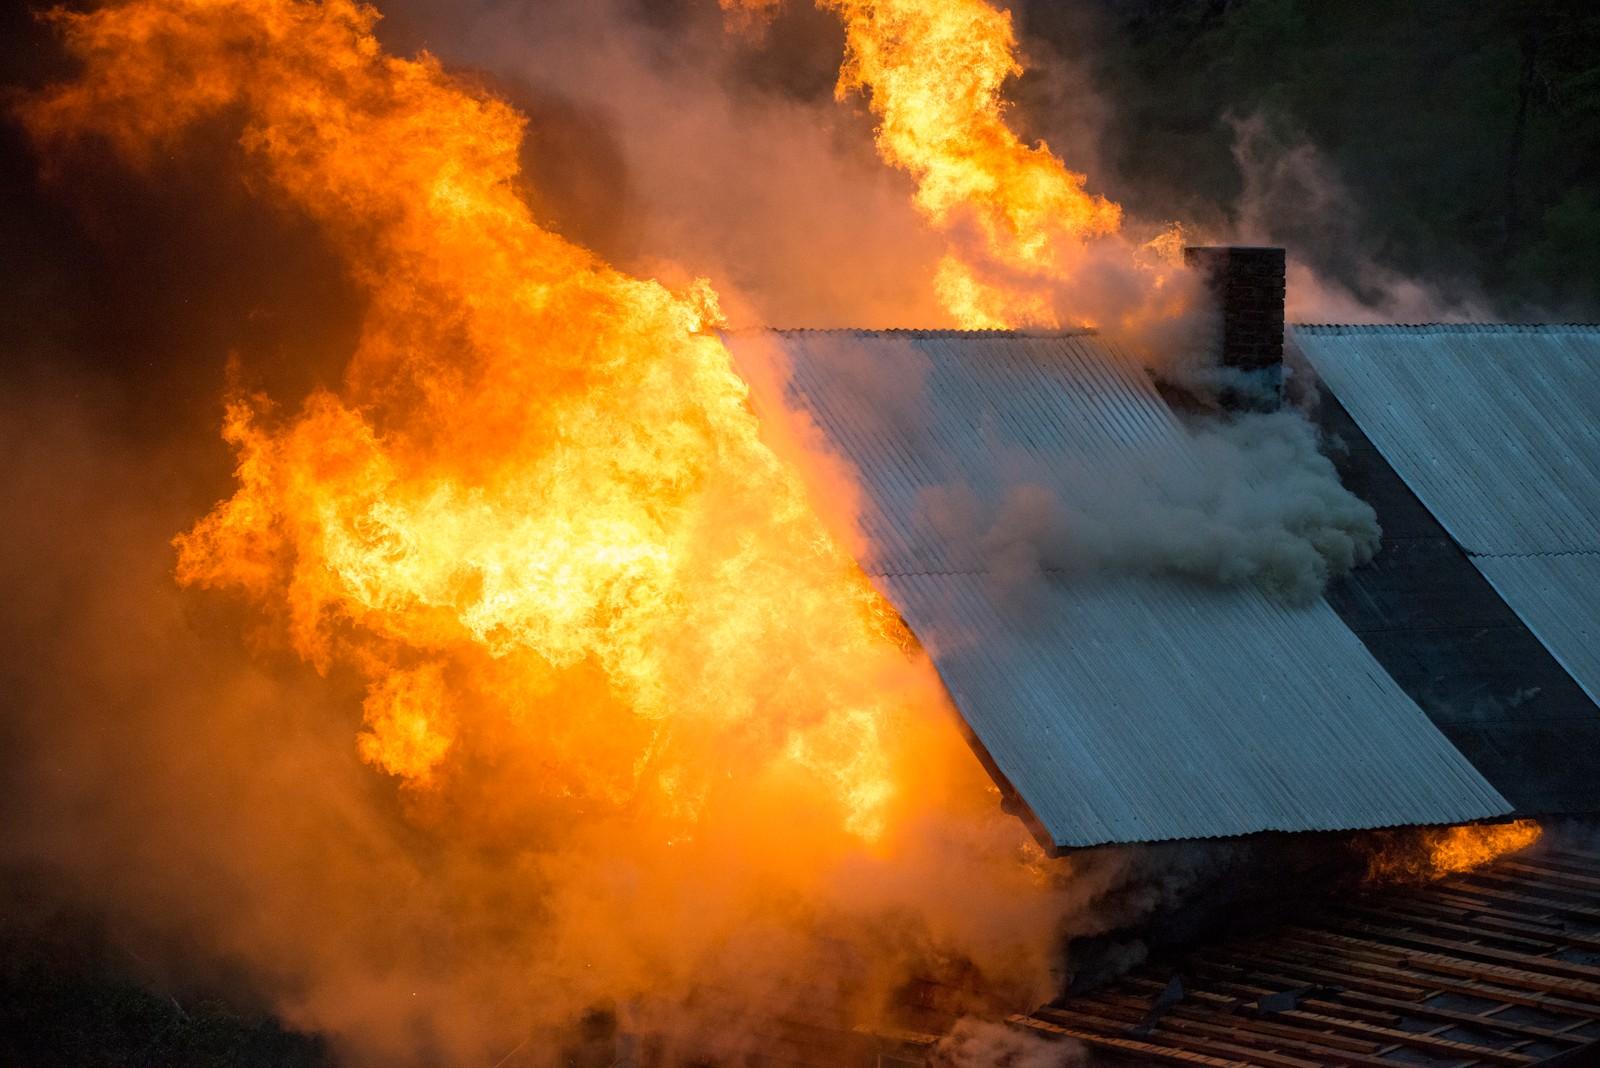 Flammane stod ut frå loftet.